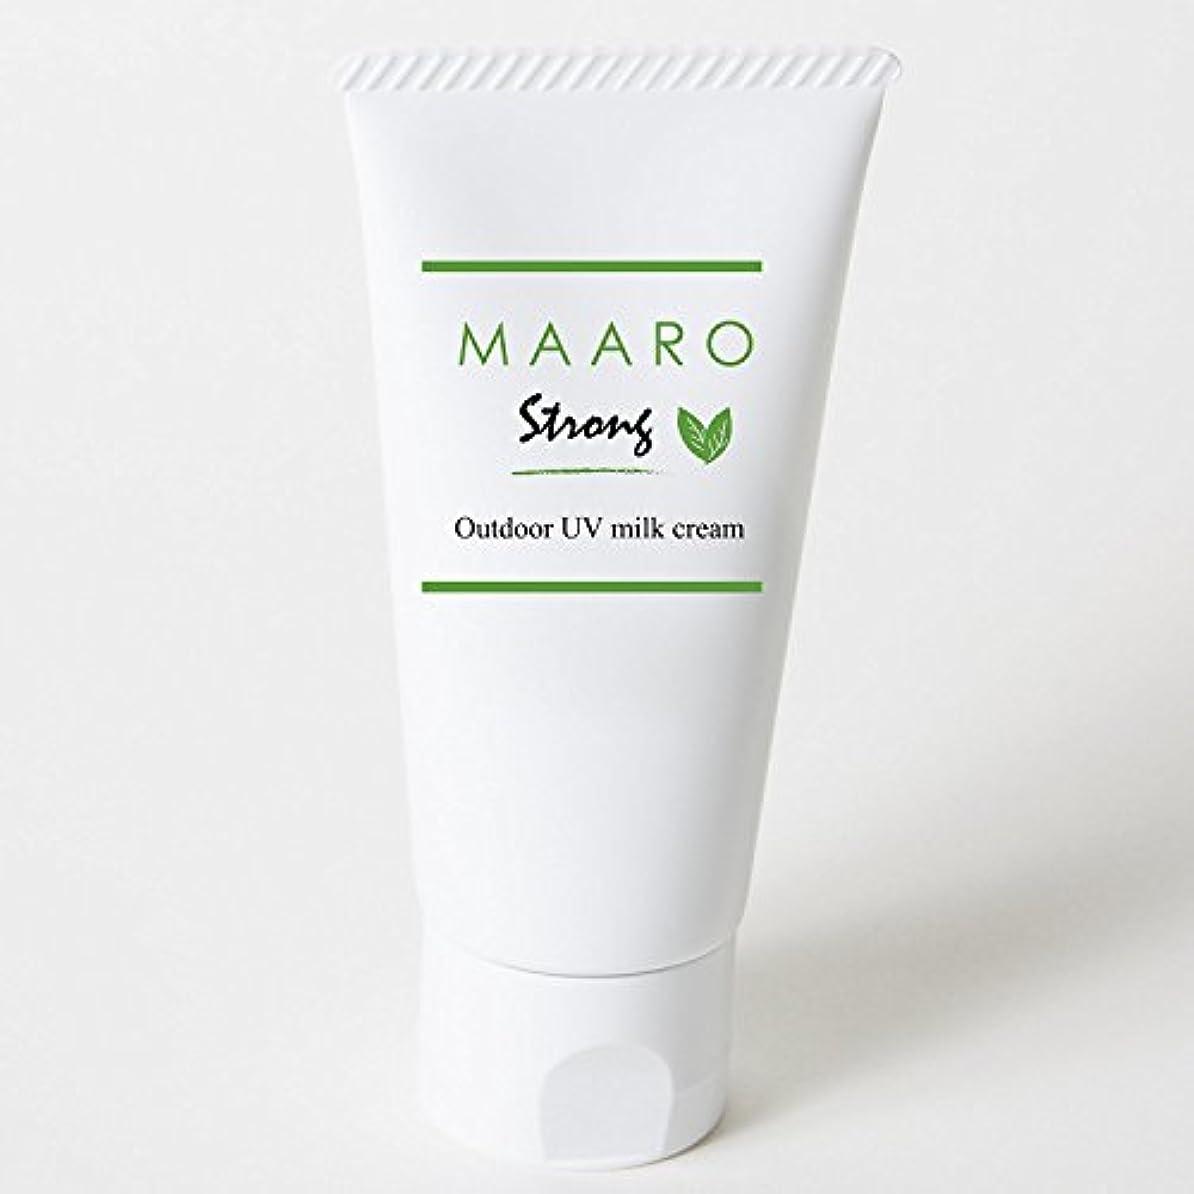 収束する鼓舞するごめんなさいMAARO Strong(マアロストロング)アロマミルククリーム SPF30、PA+++ 60ml